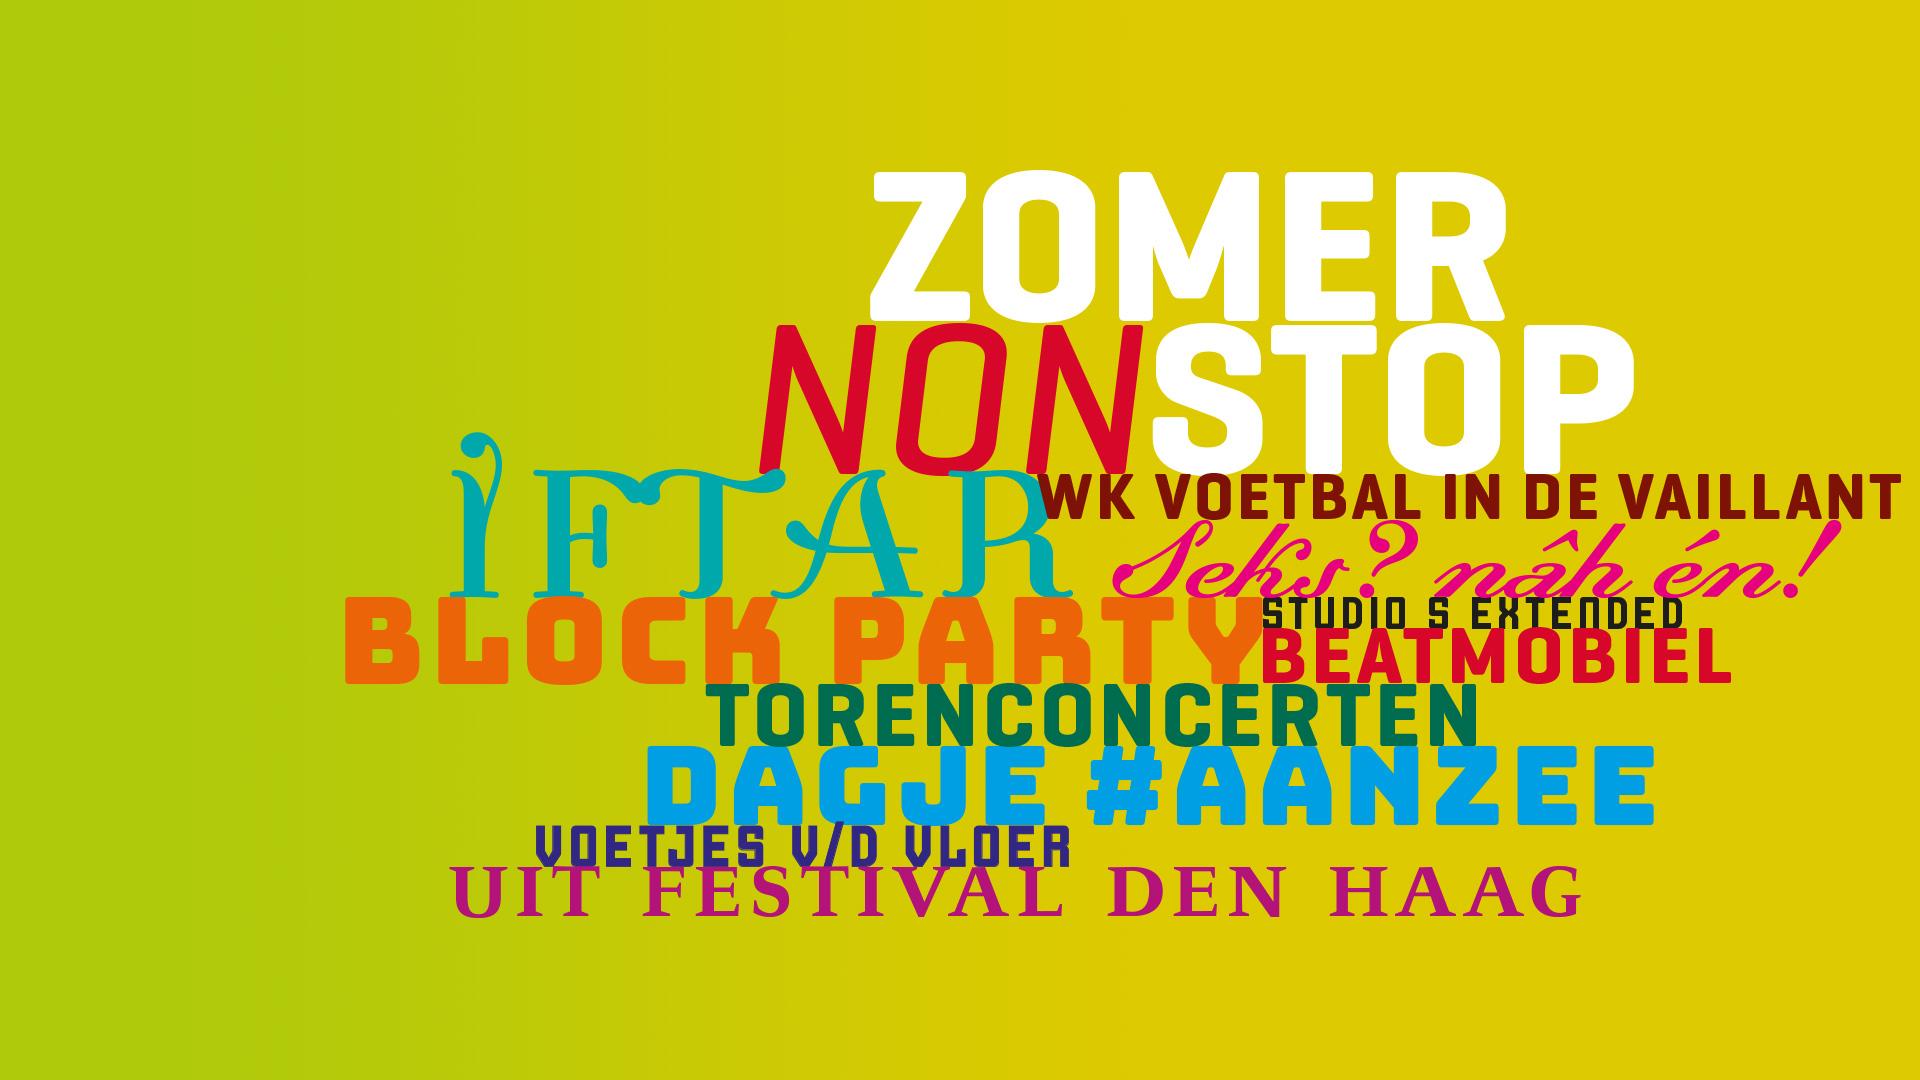 ZOMER(NON)STOP